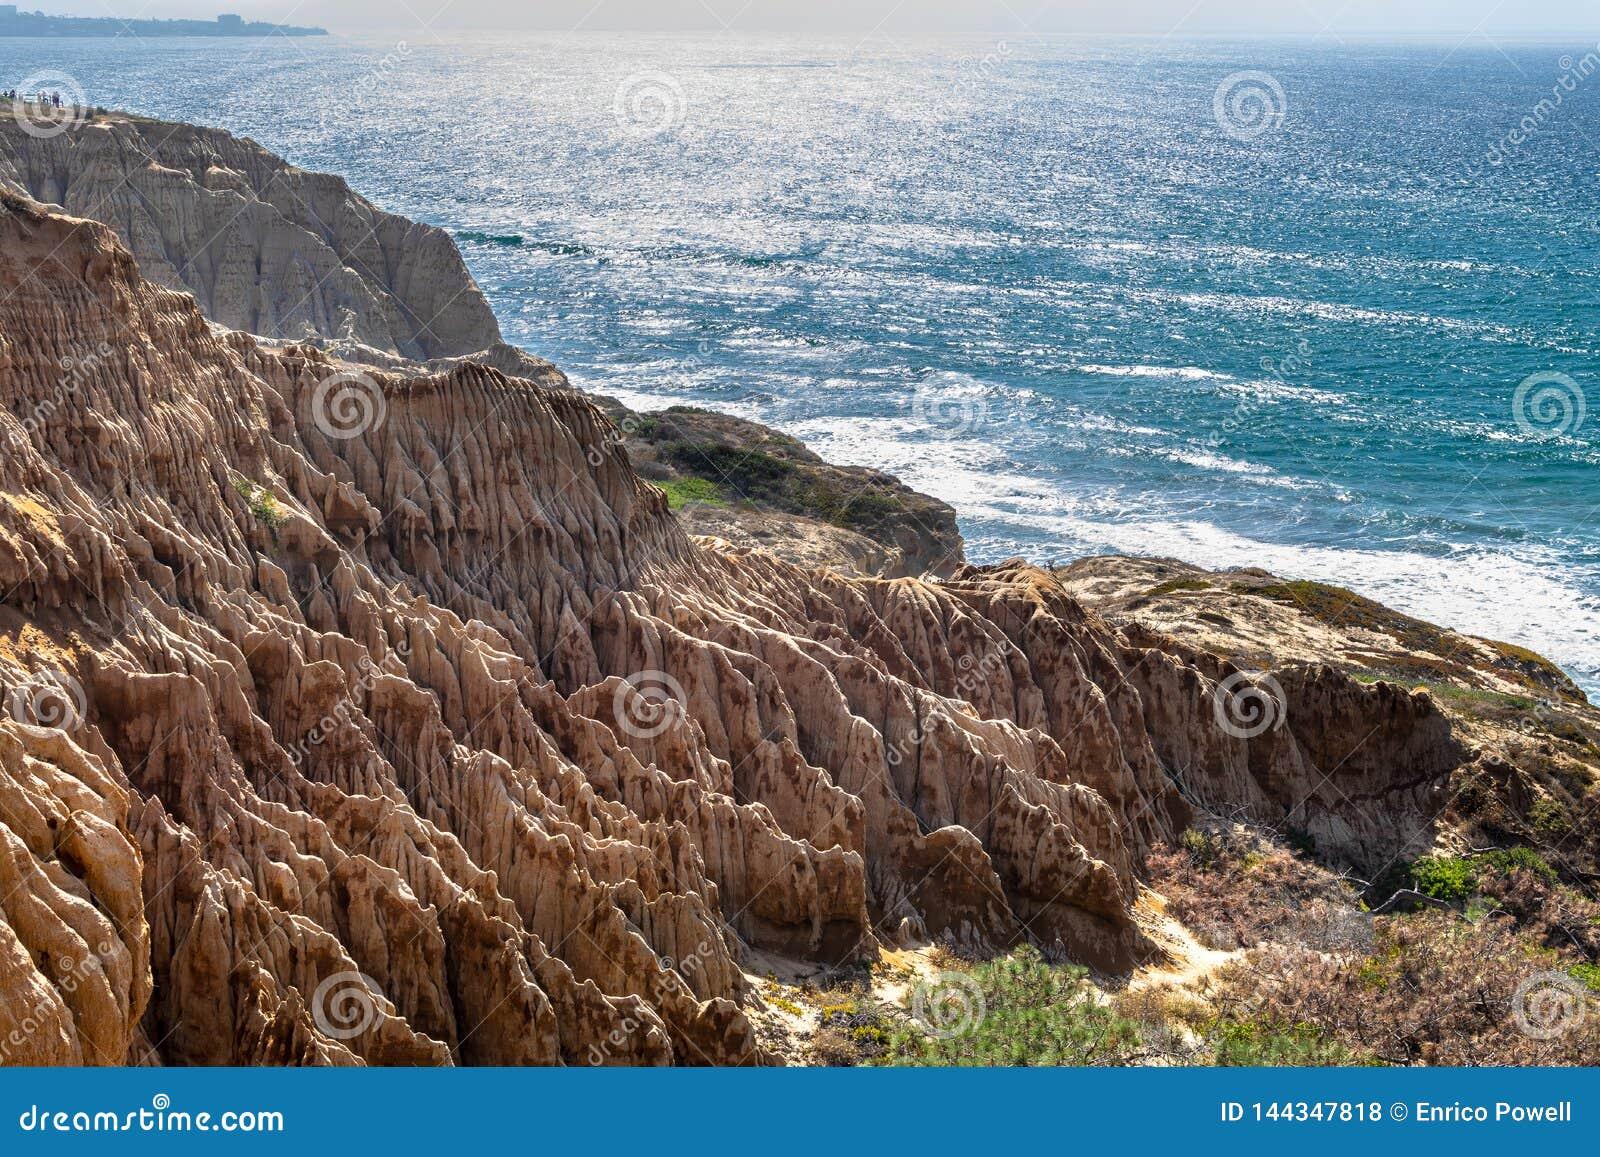 Άποψη τοπίων και παραλιών από την κρατική επιφύλαξη πεύκων Torrey και παραλία στο Σαν Ντιέγκο, Καλιφόρνια